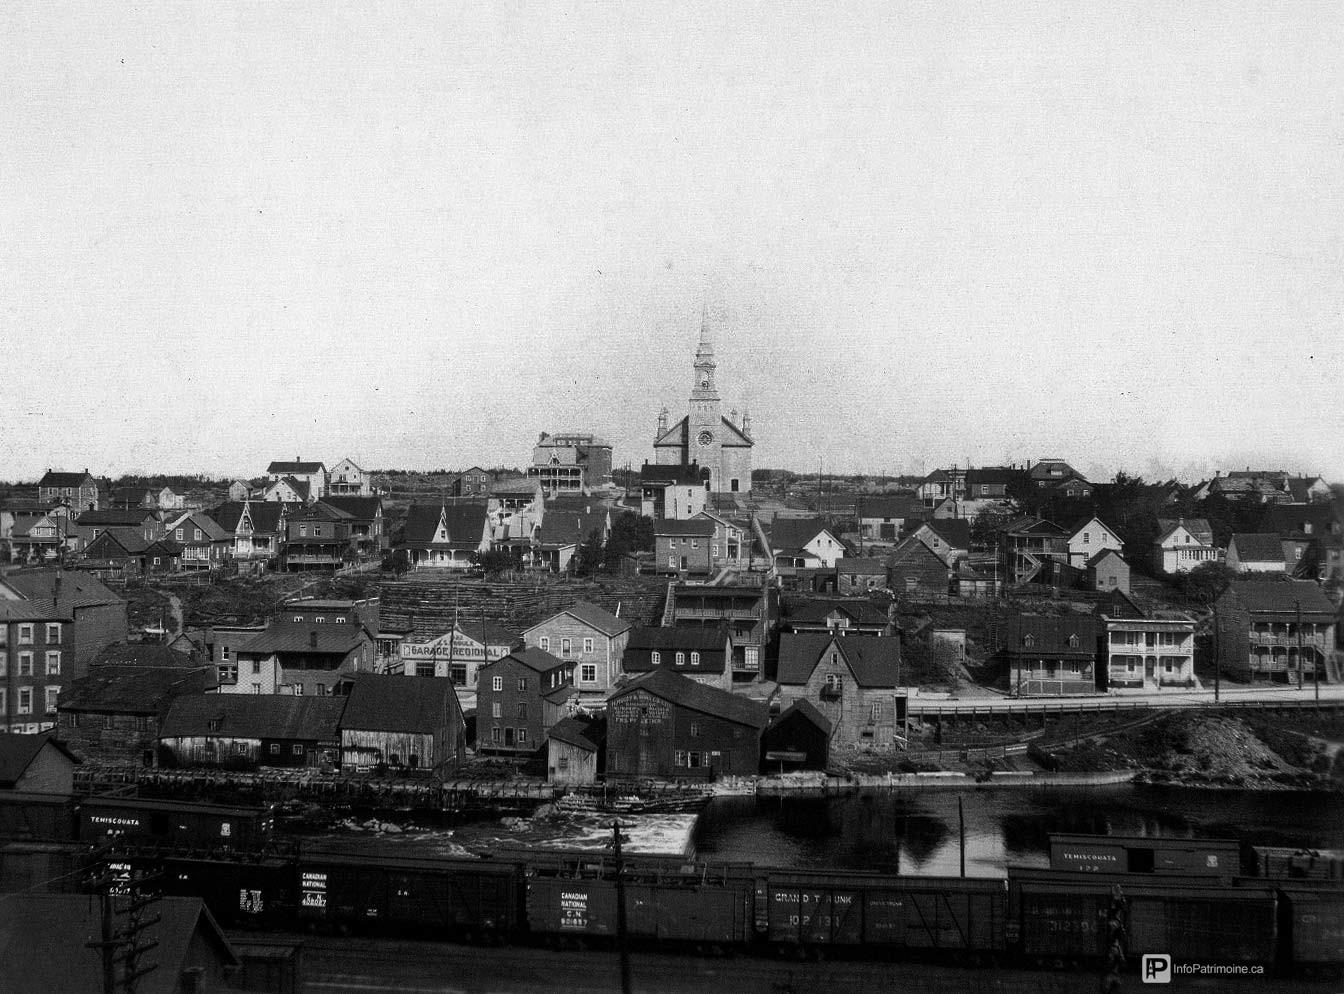 Rivière-du-Loup - Quartier de la gare vers 1925 -Album historique de la Ville (no 1 Saint-François)